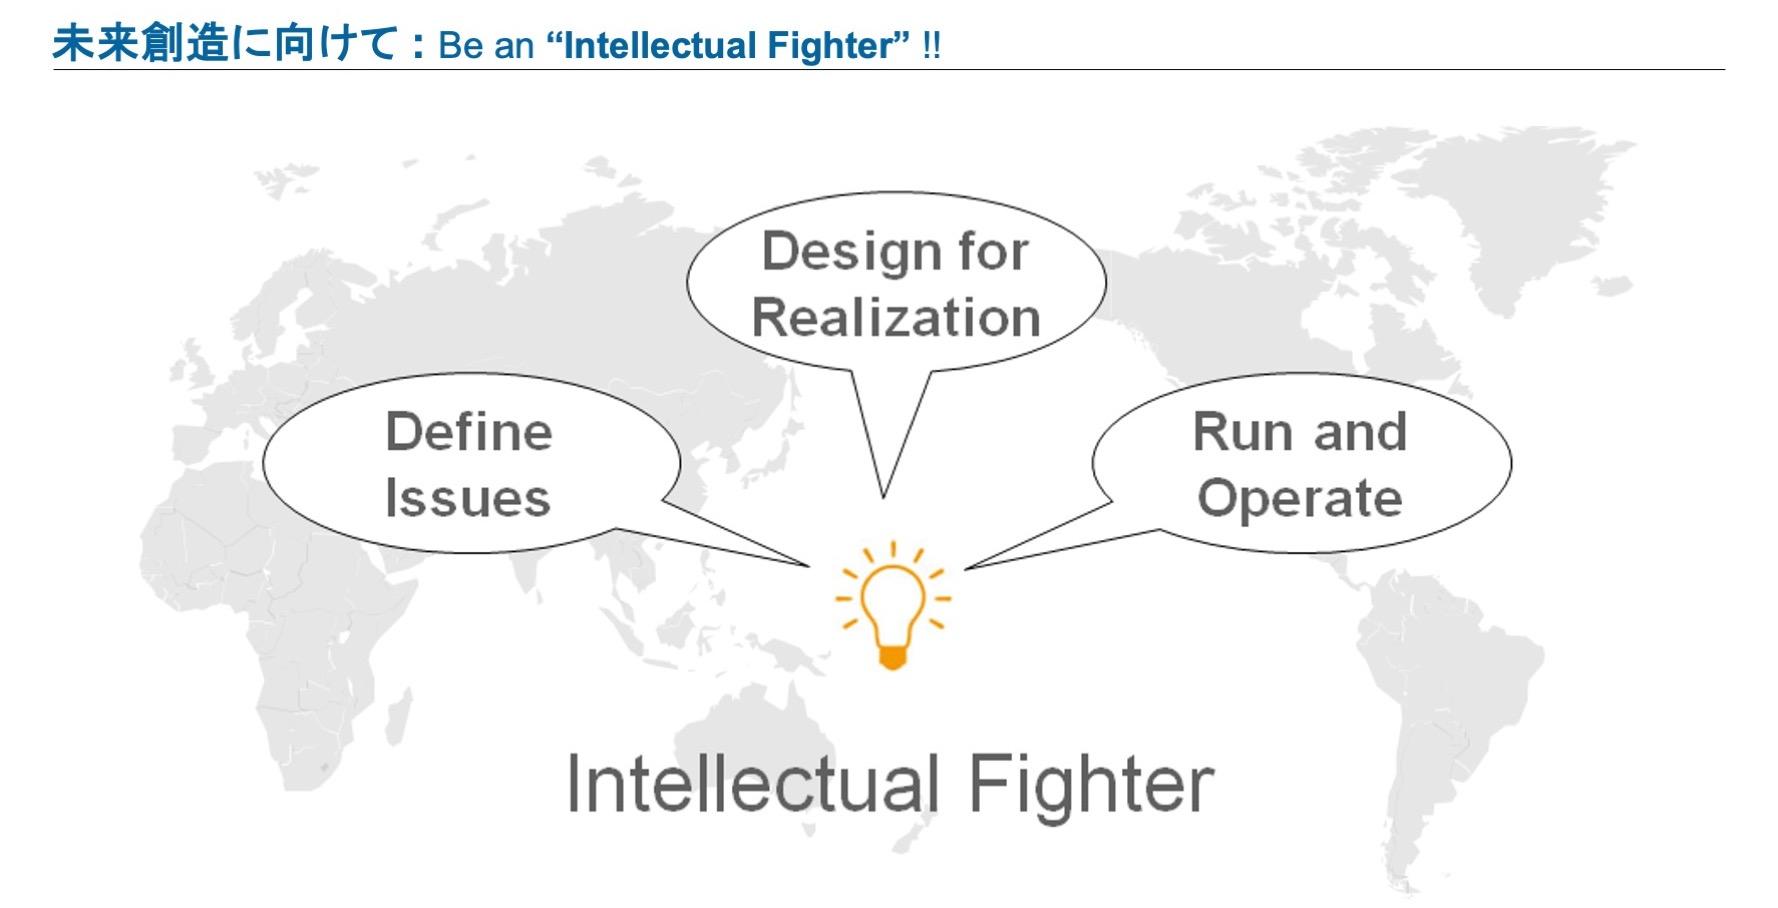 未来創造に向けて: Be an Intellectual Fighter